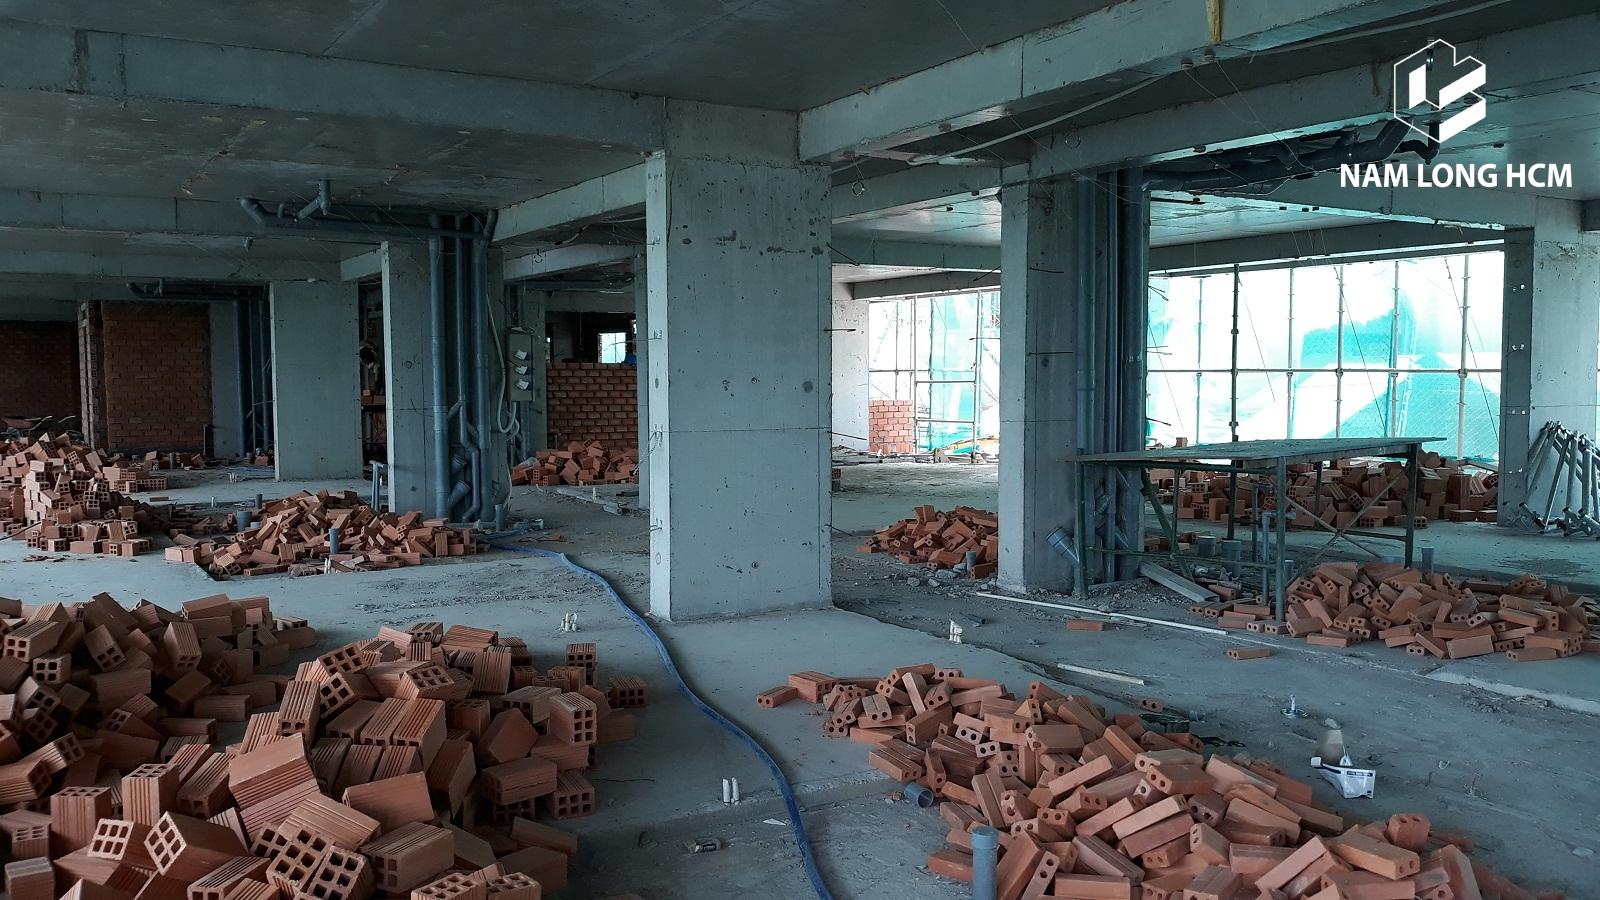 Vật liệu xây dựng để xây tường ngăn giữa các căn hộ Ehome Nam Sài Gòn. Ảnh: Nam Long HCM